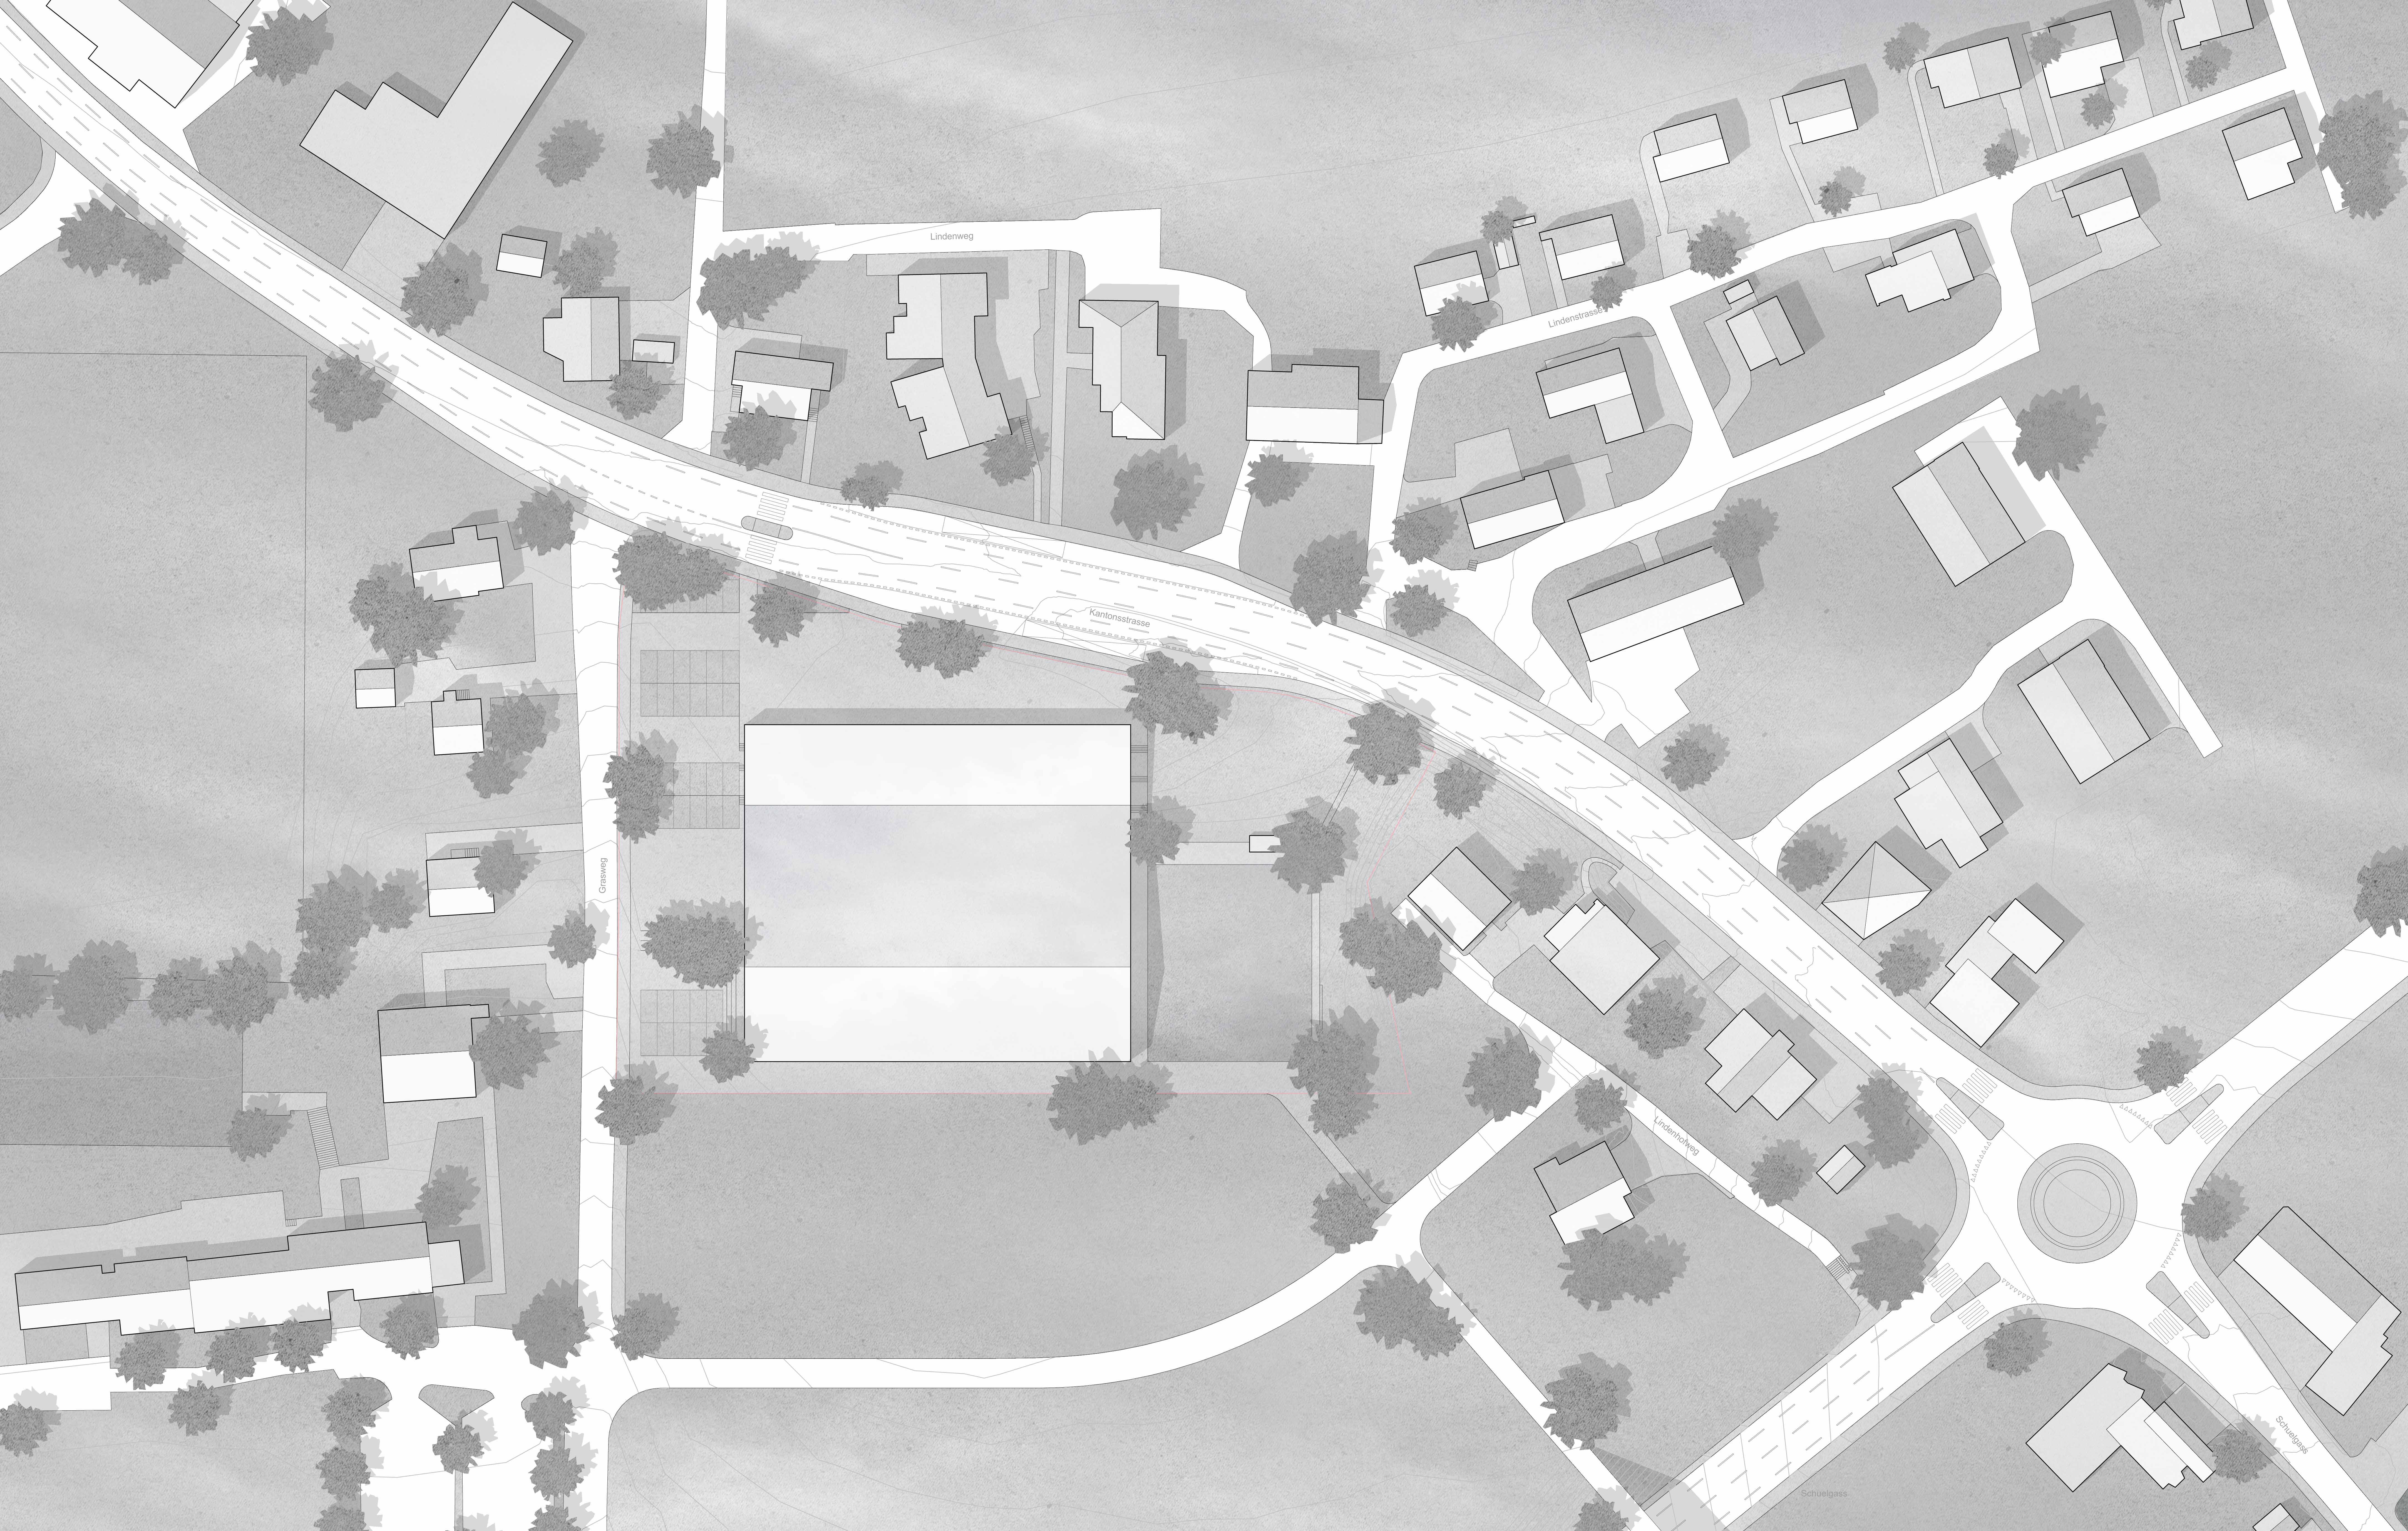 STUDIO CORNEL STAEHELI  Dreifachsporthalle mit Feuerwehrstützpunkt und Zivilschutzanlage Beromünster Situation